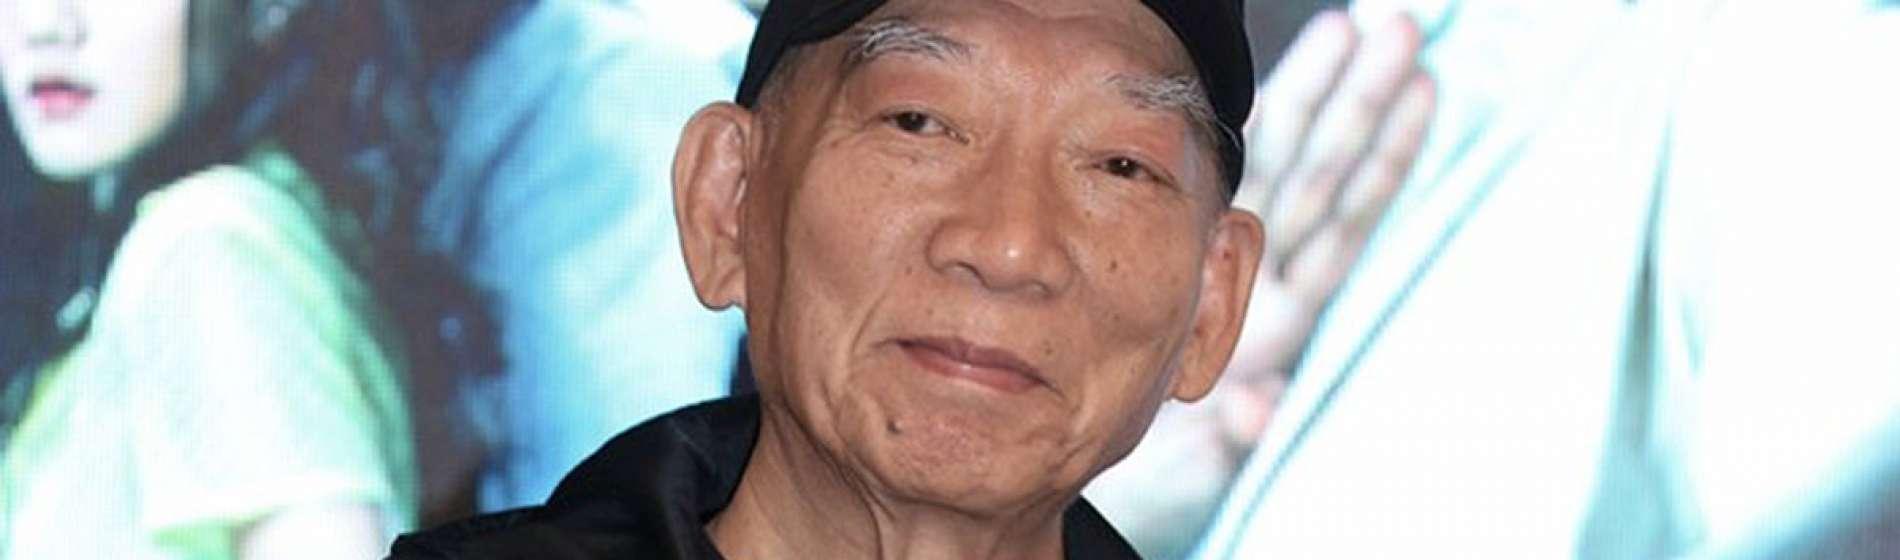 Master Z: Ip Man Legacy - Yuen Woo-ping